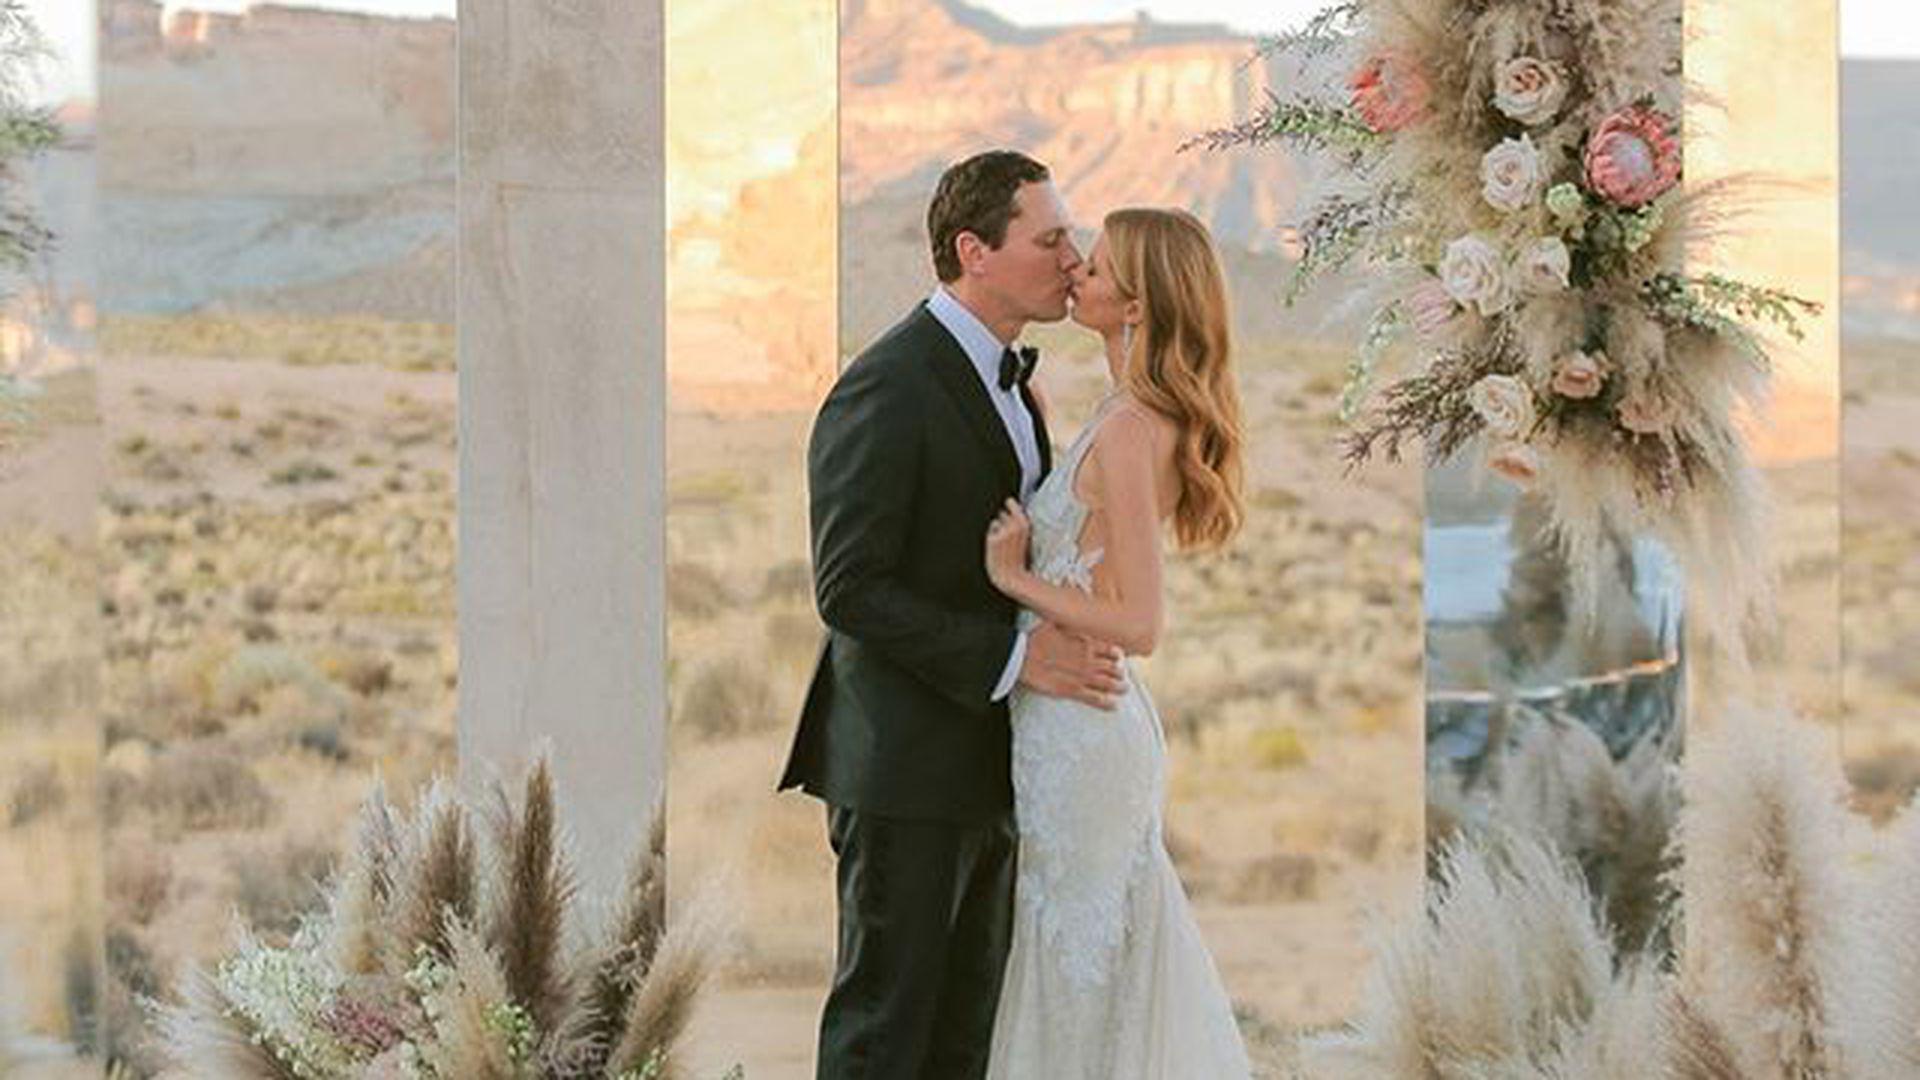 vjenčati se nakon dva mjeseca druženja